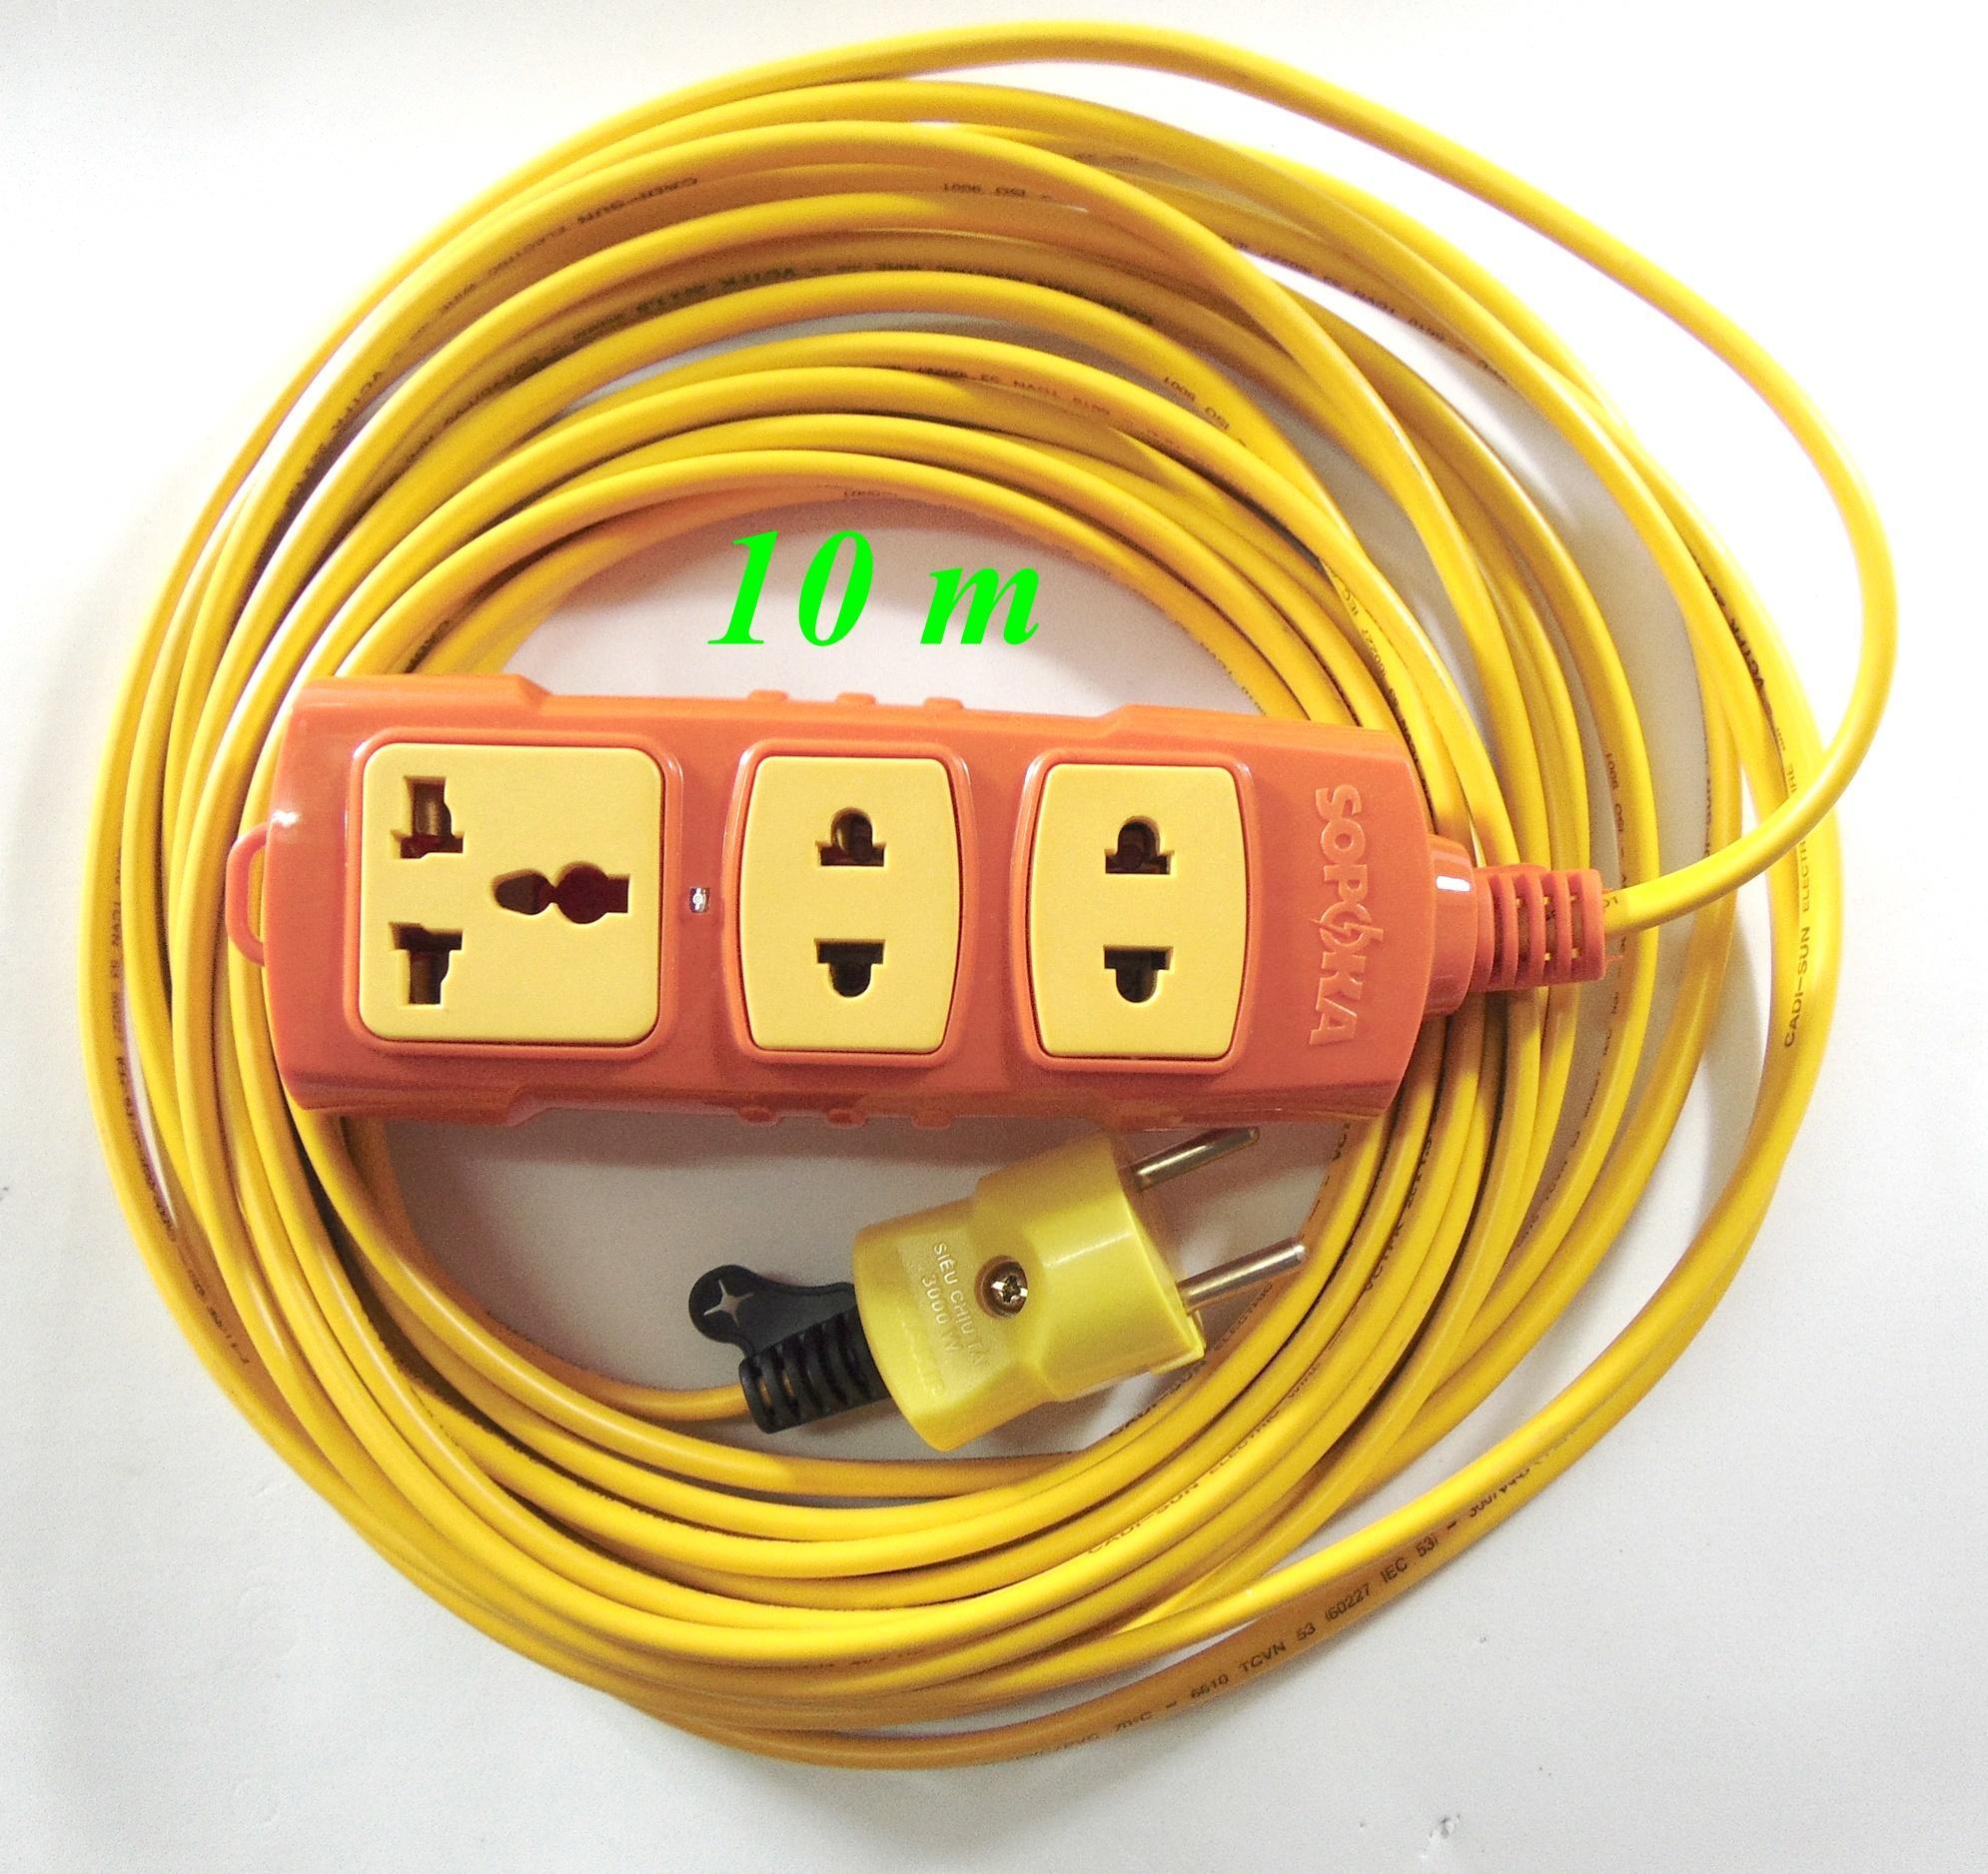 Bộ ổ cắm điện Sopoka chịu tải P6000W và 10m dây điện (Vàng)